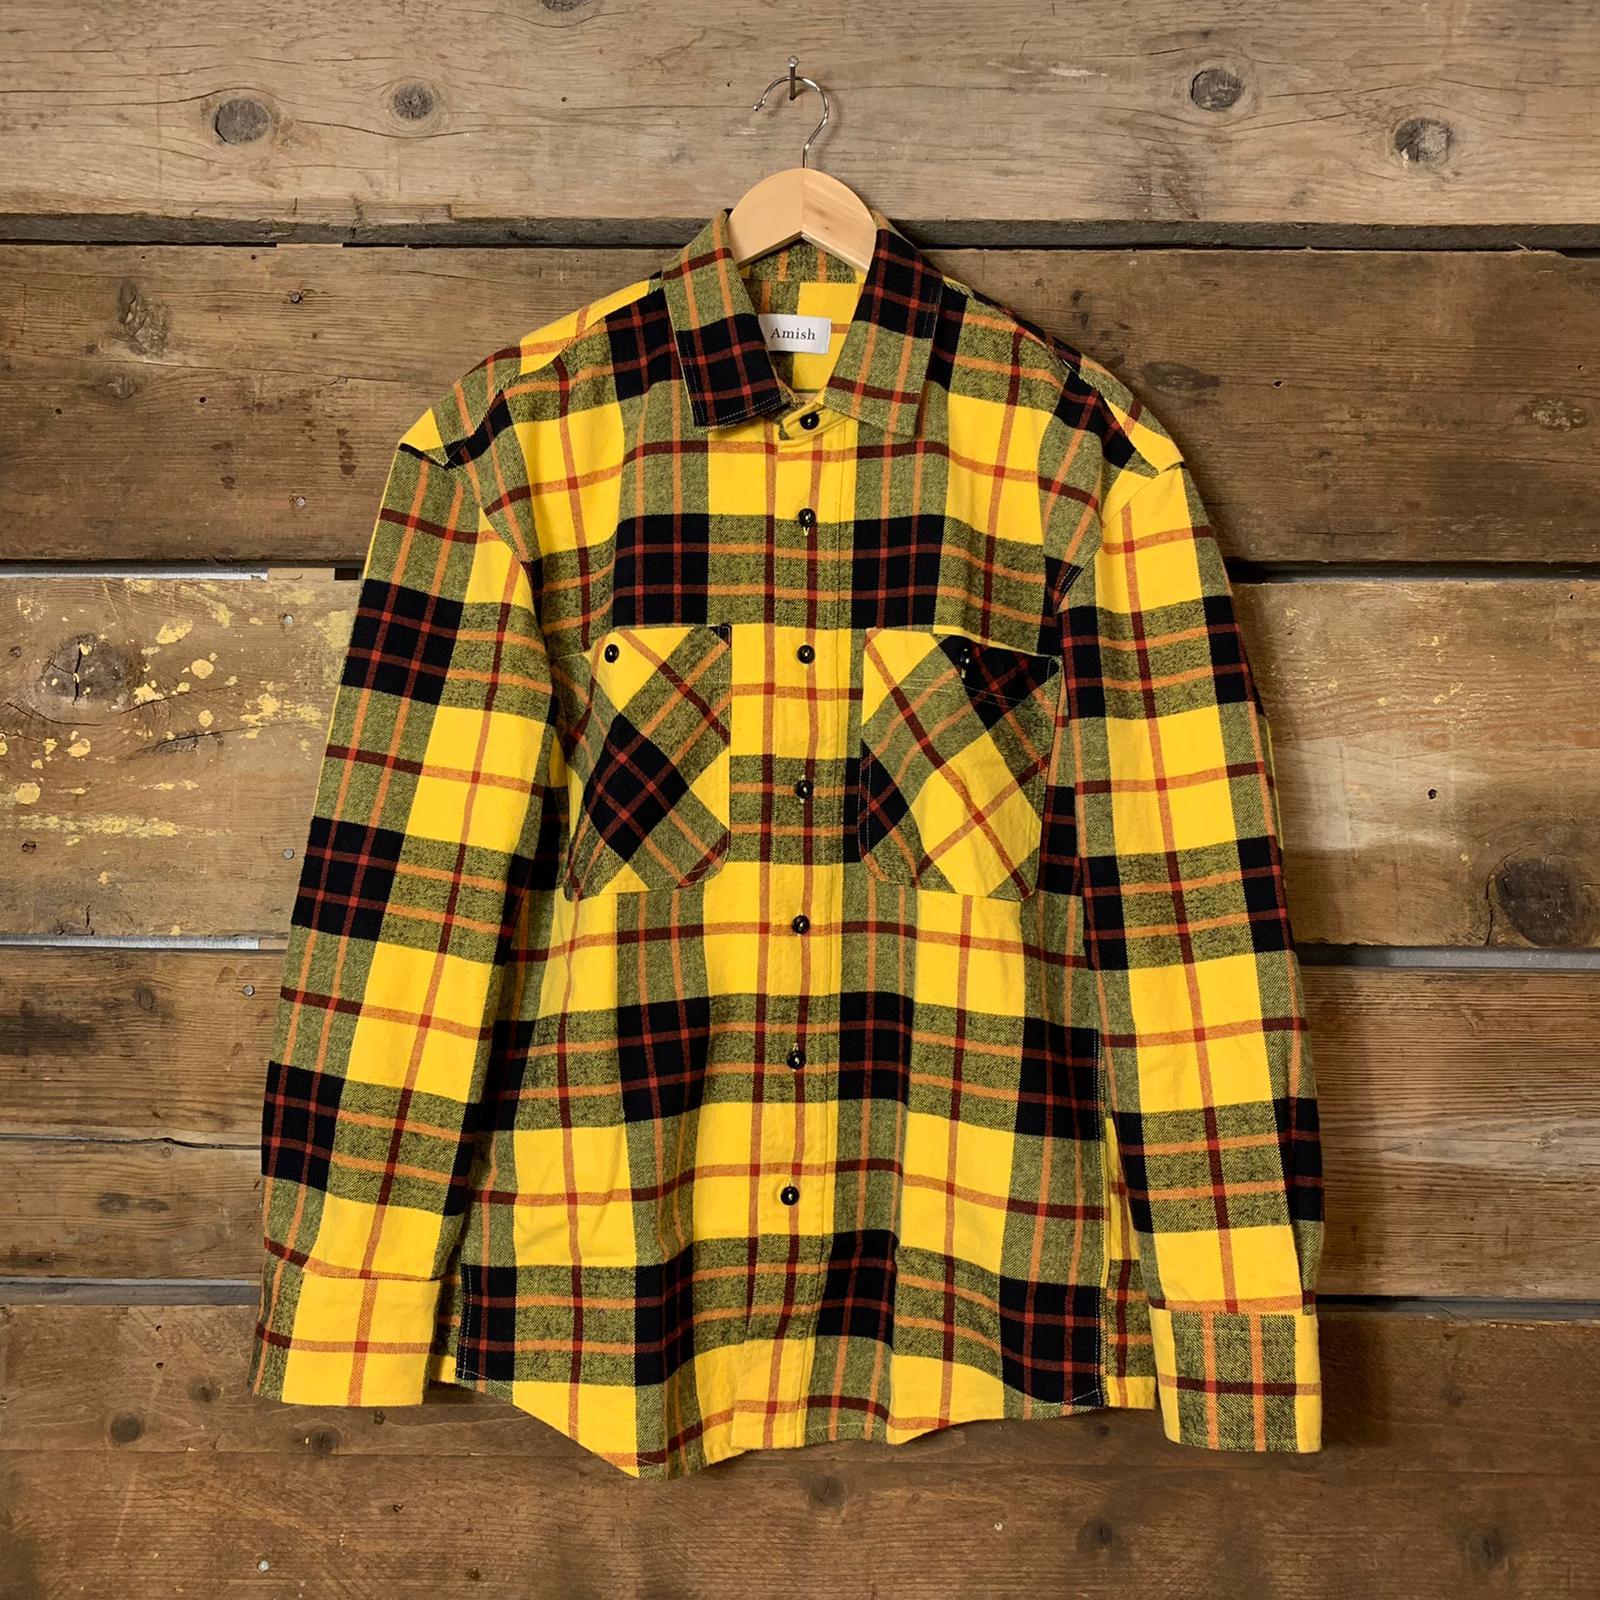 Camicia Amish Supplies Uomo Oversize in Flanella a Quadri Giallo